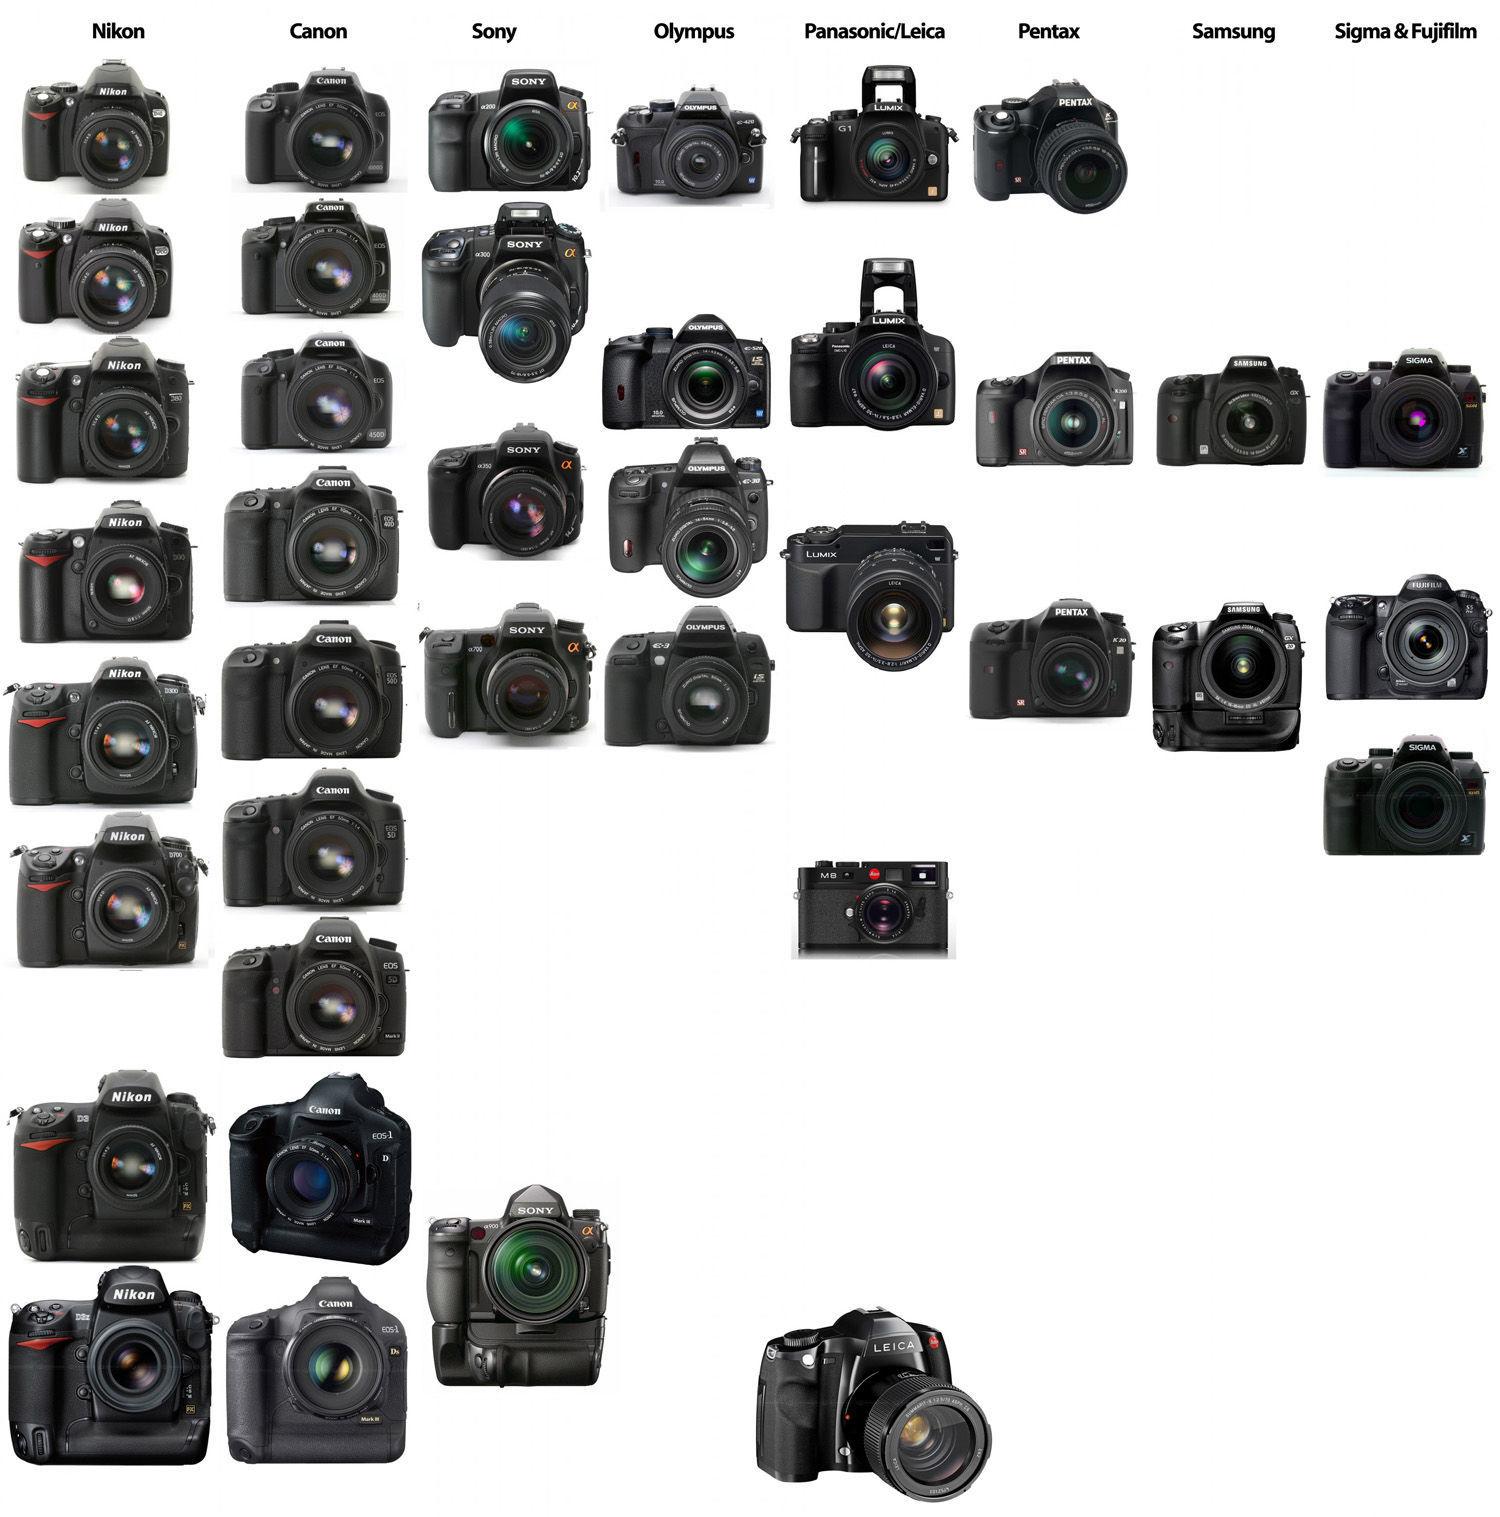 узнаете прочности фотоаппарат к какой группе товаров относится сразу